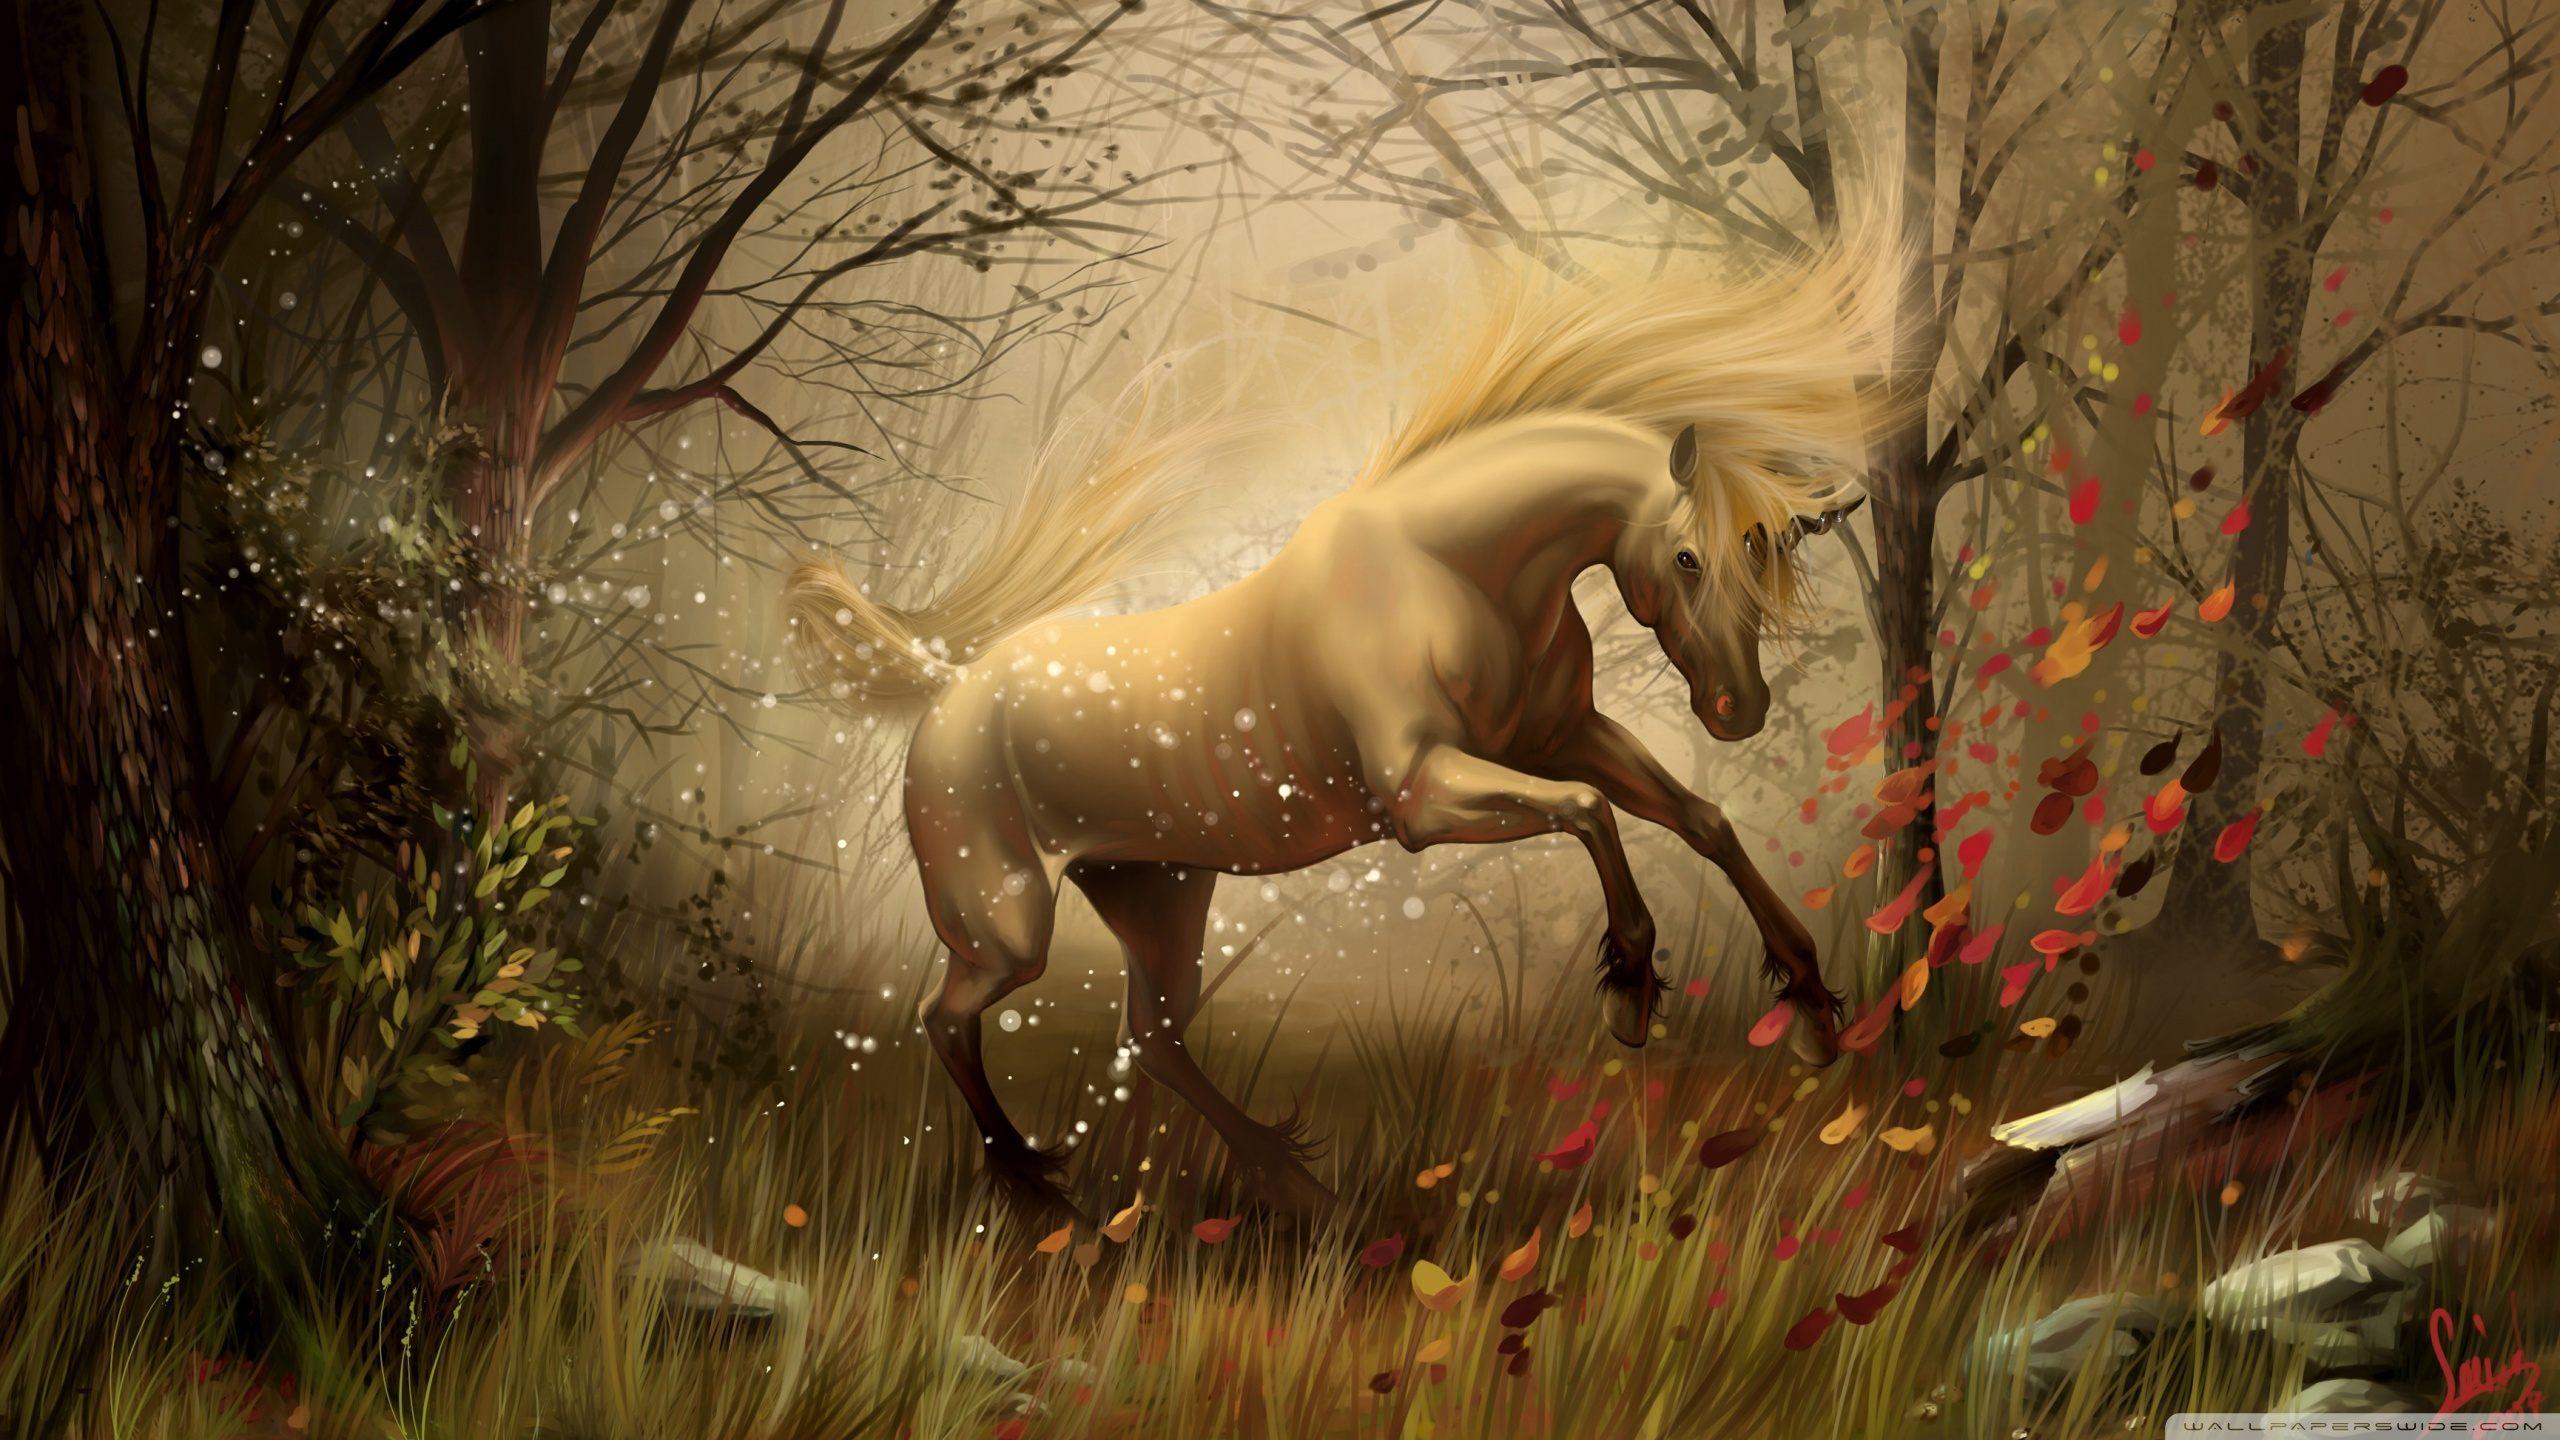 Best Wallpaper Horse Fairy - fc26696cfd31b3f74f472bd787dc76fb  HD_363626.jpg